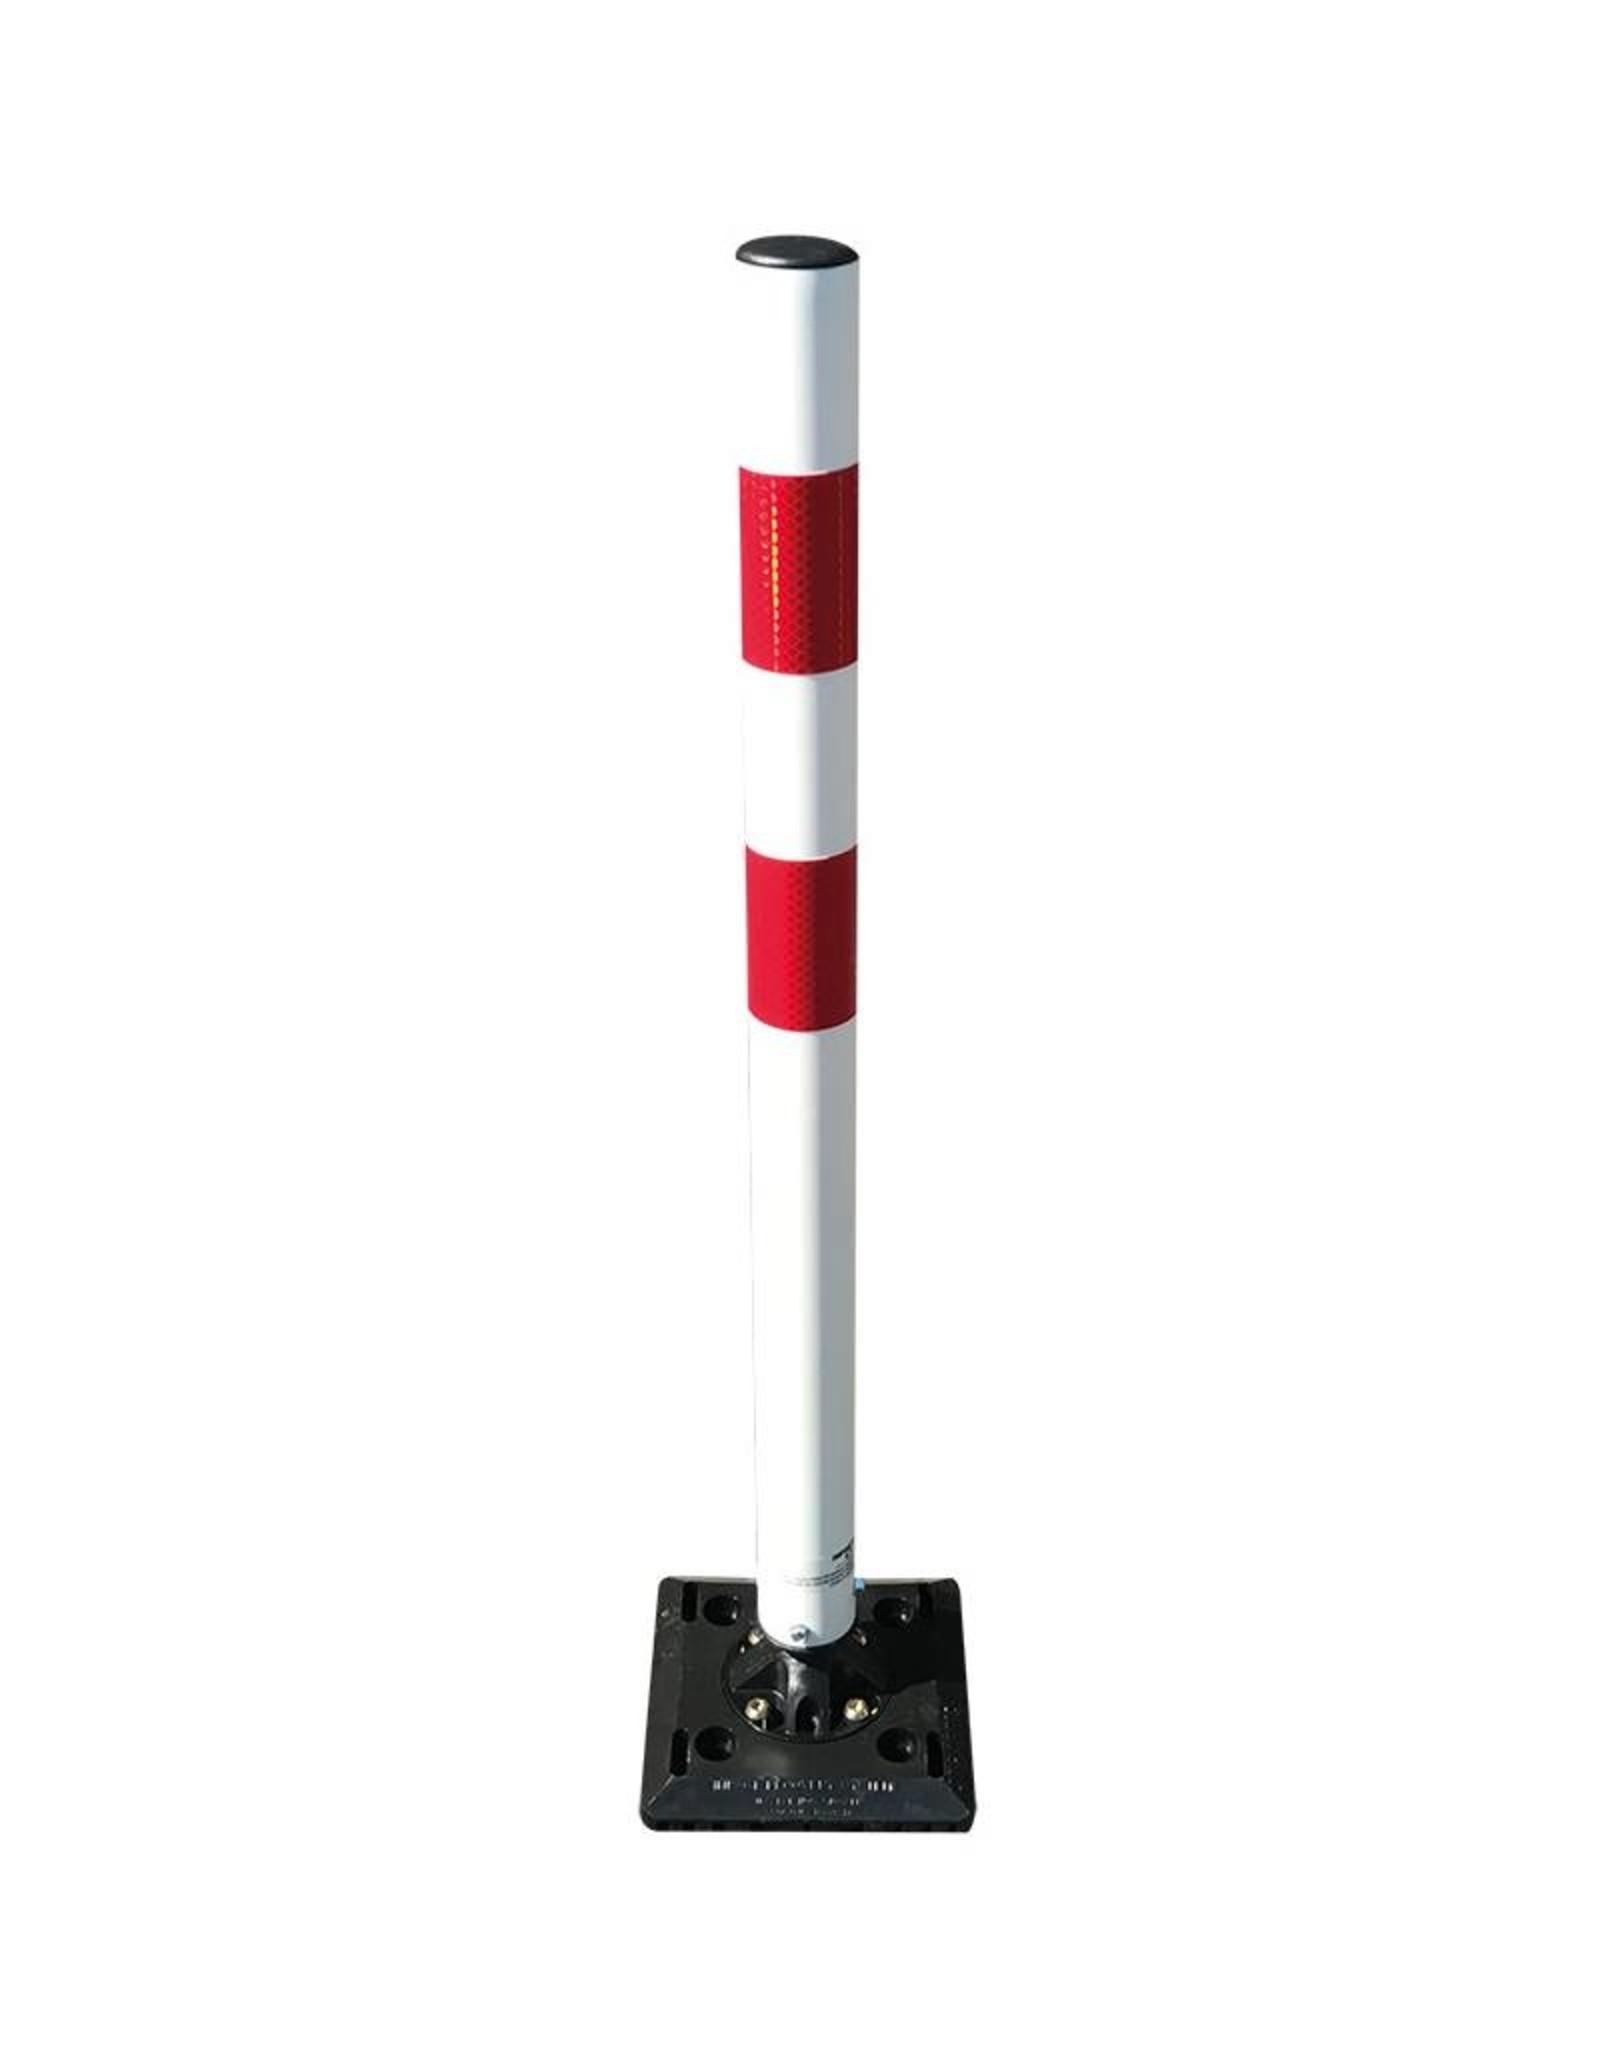 Ri-Traffic | Flexibele kickback (terugverende) parkeerpaal / afzetpaal, rood-wit